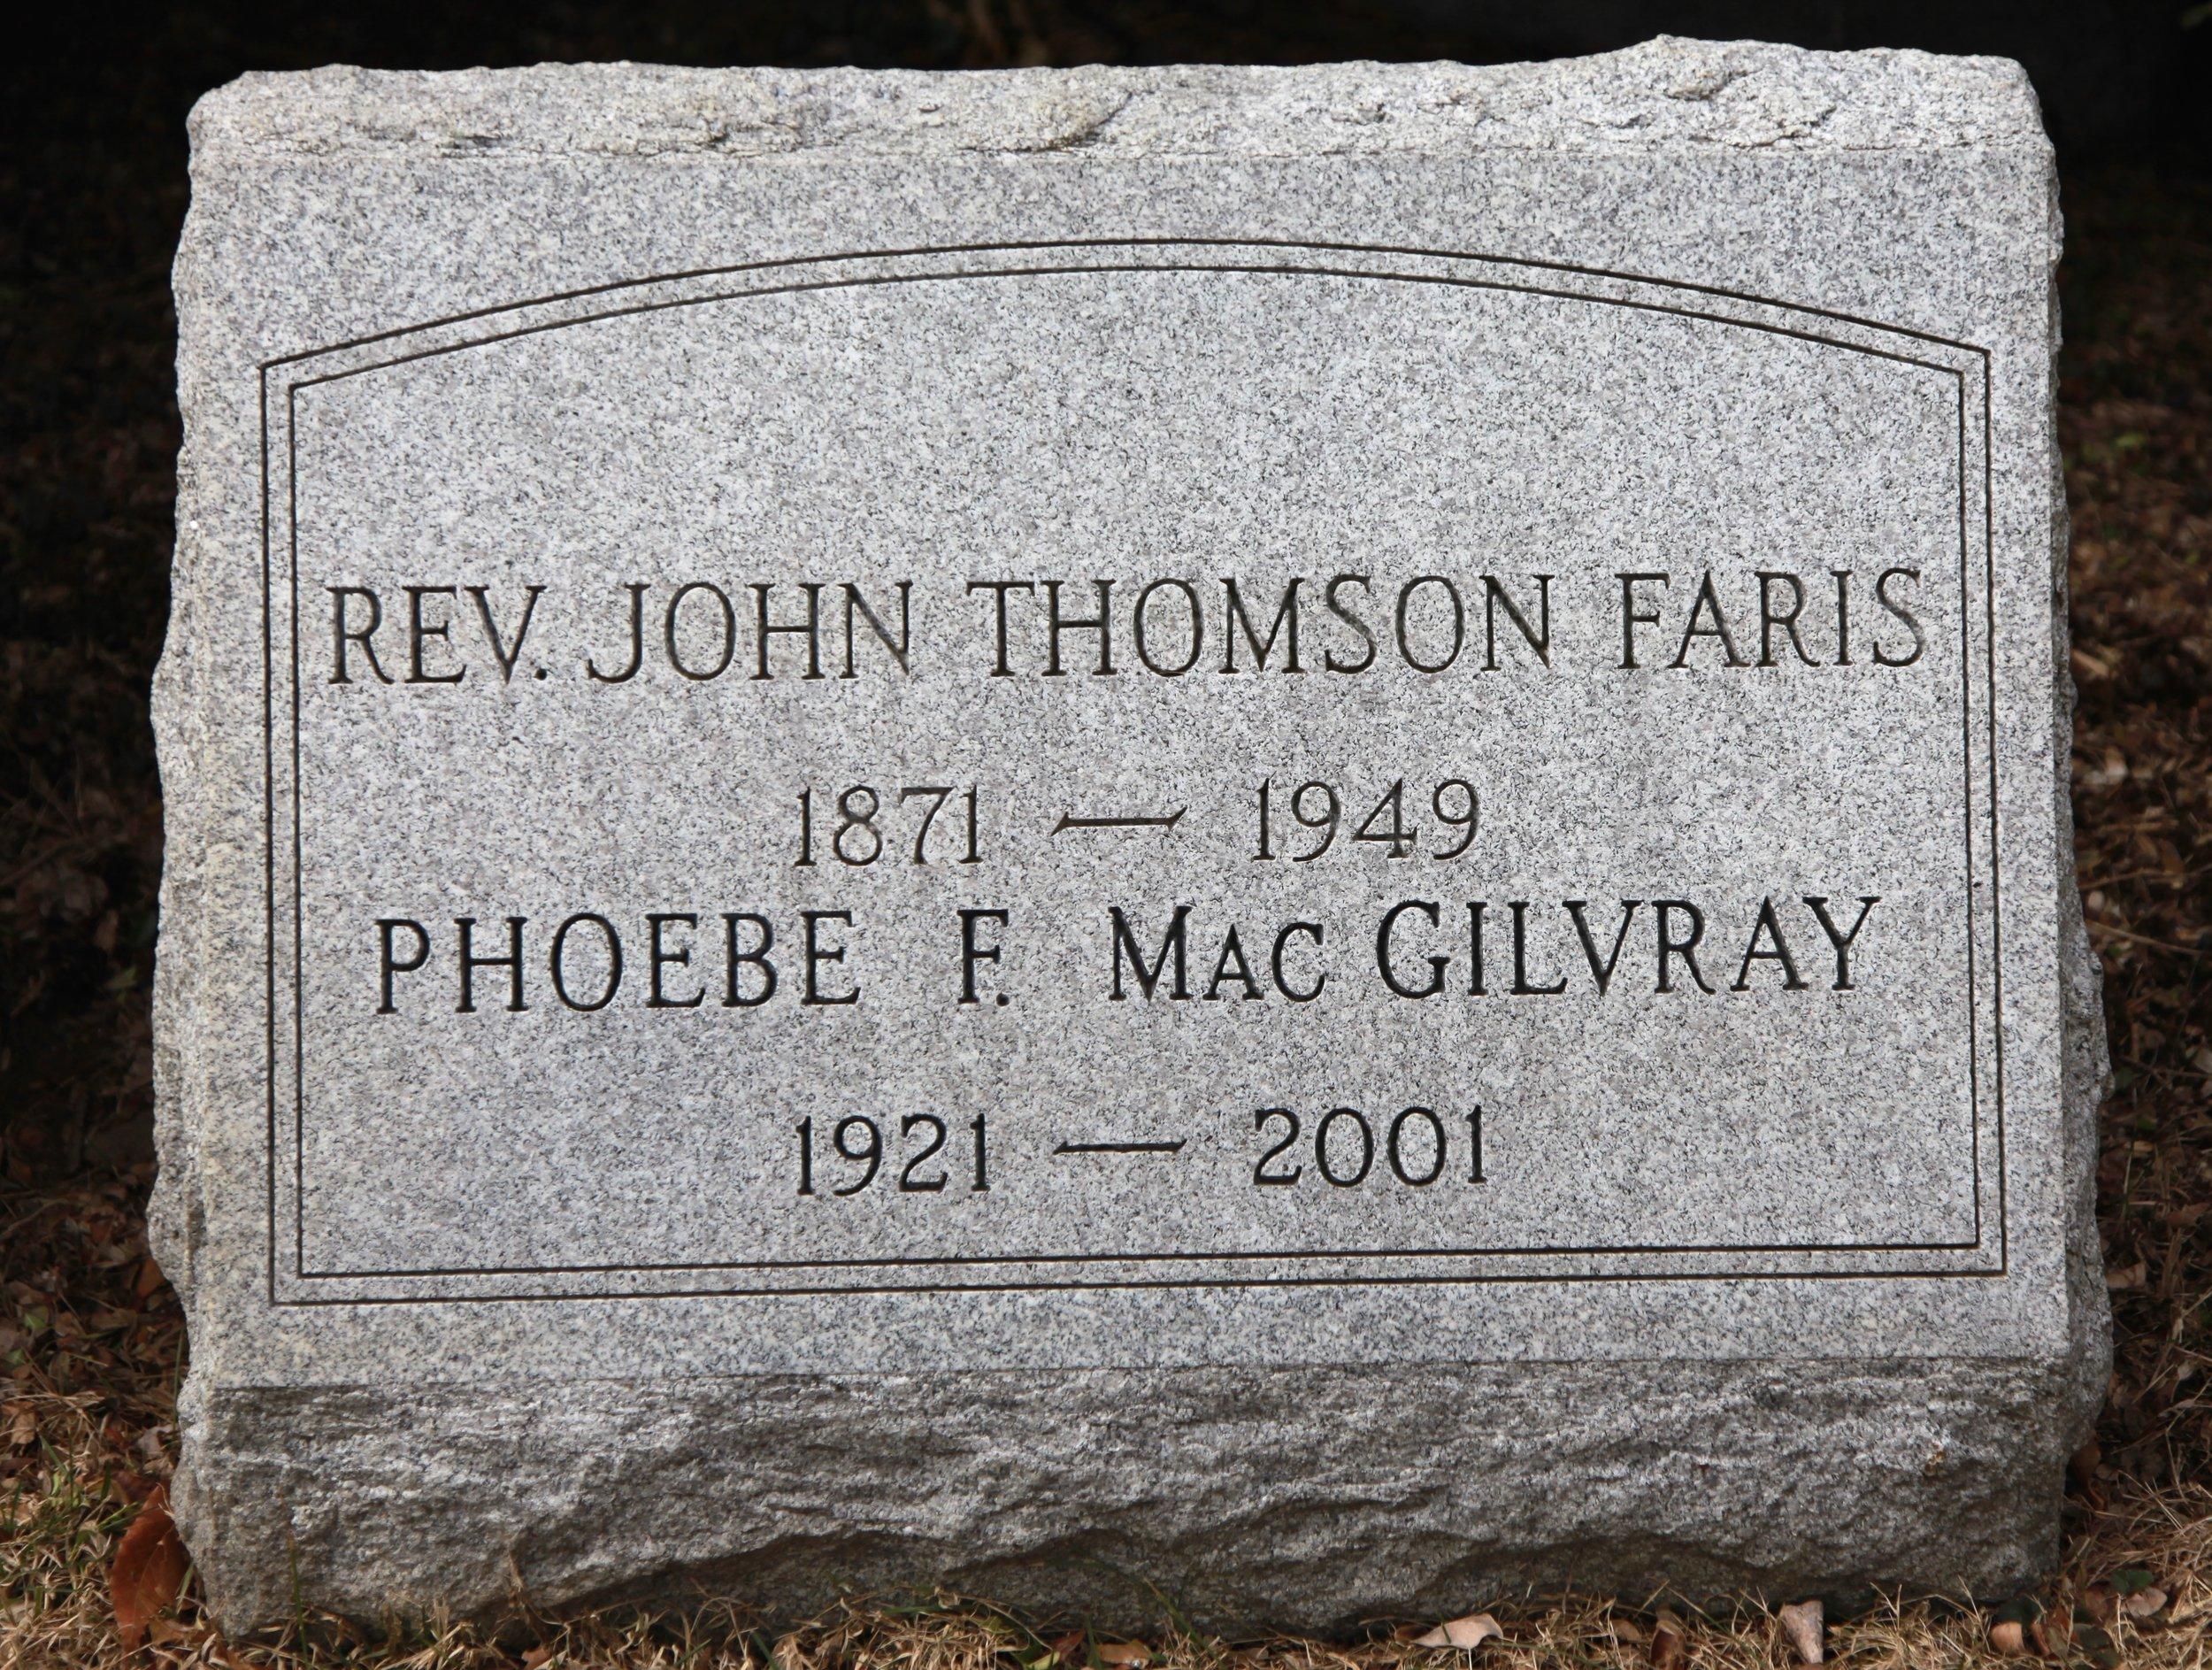 John Thomson Faris is buried at West Laurel Hill Cemetery, Bala Cynwyd, Pennsylvania.